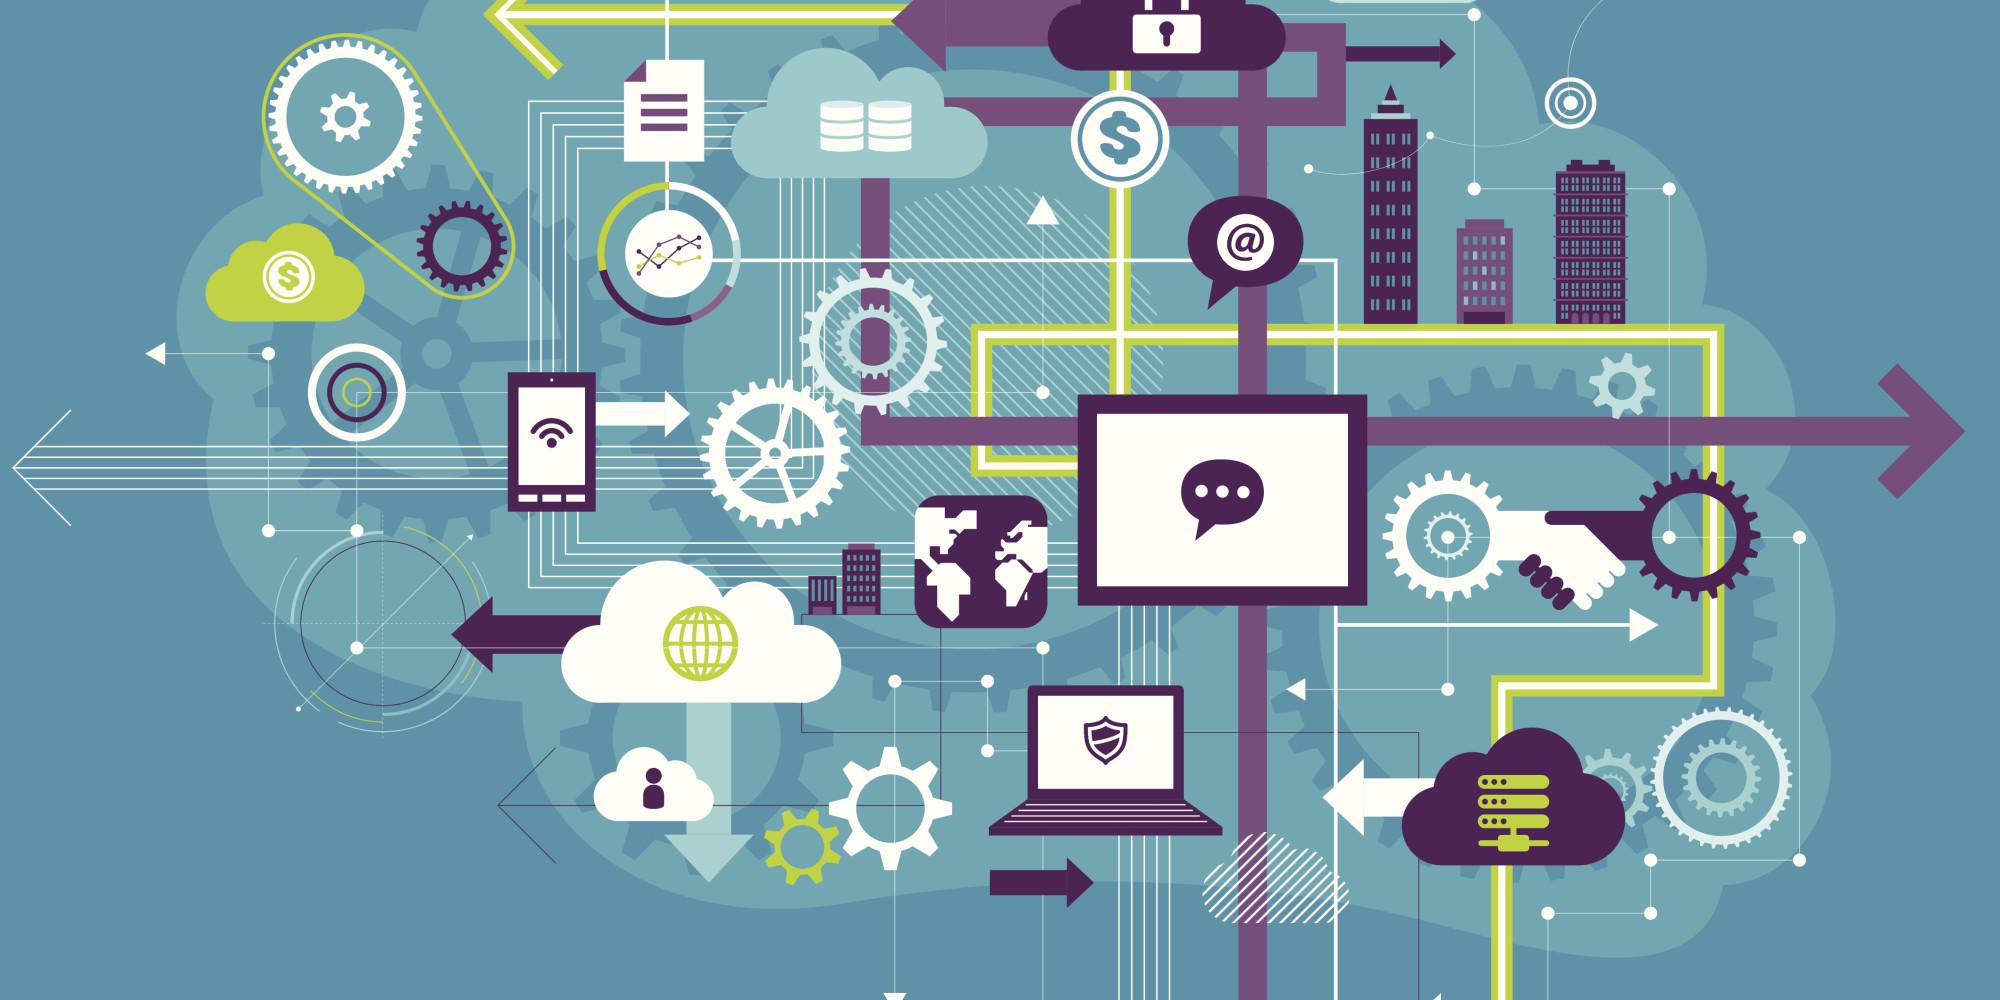 Quanto vale il mercato IoT